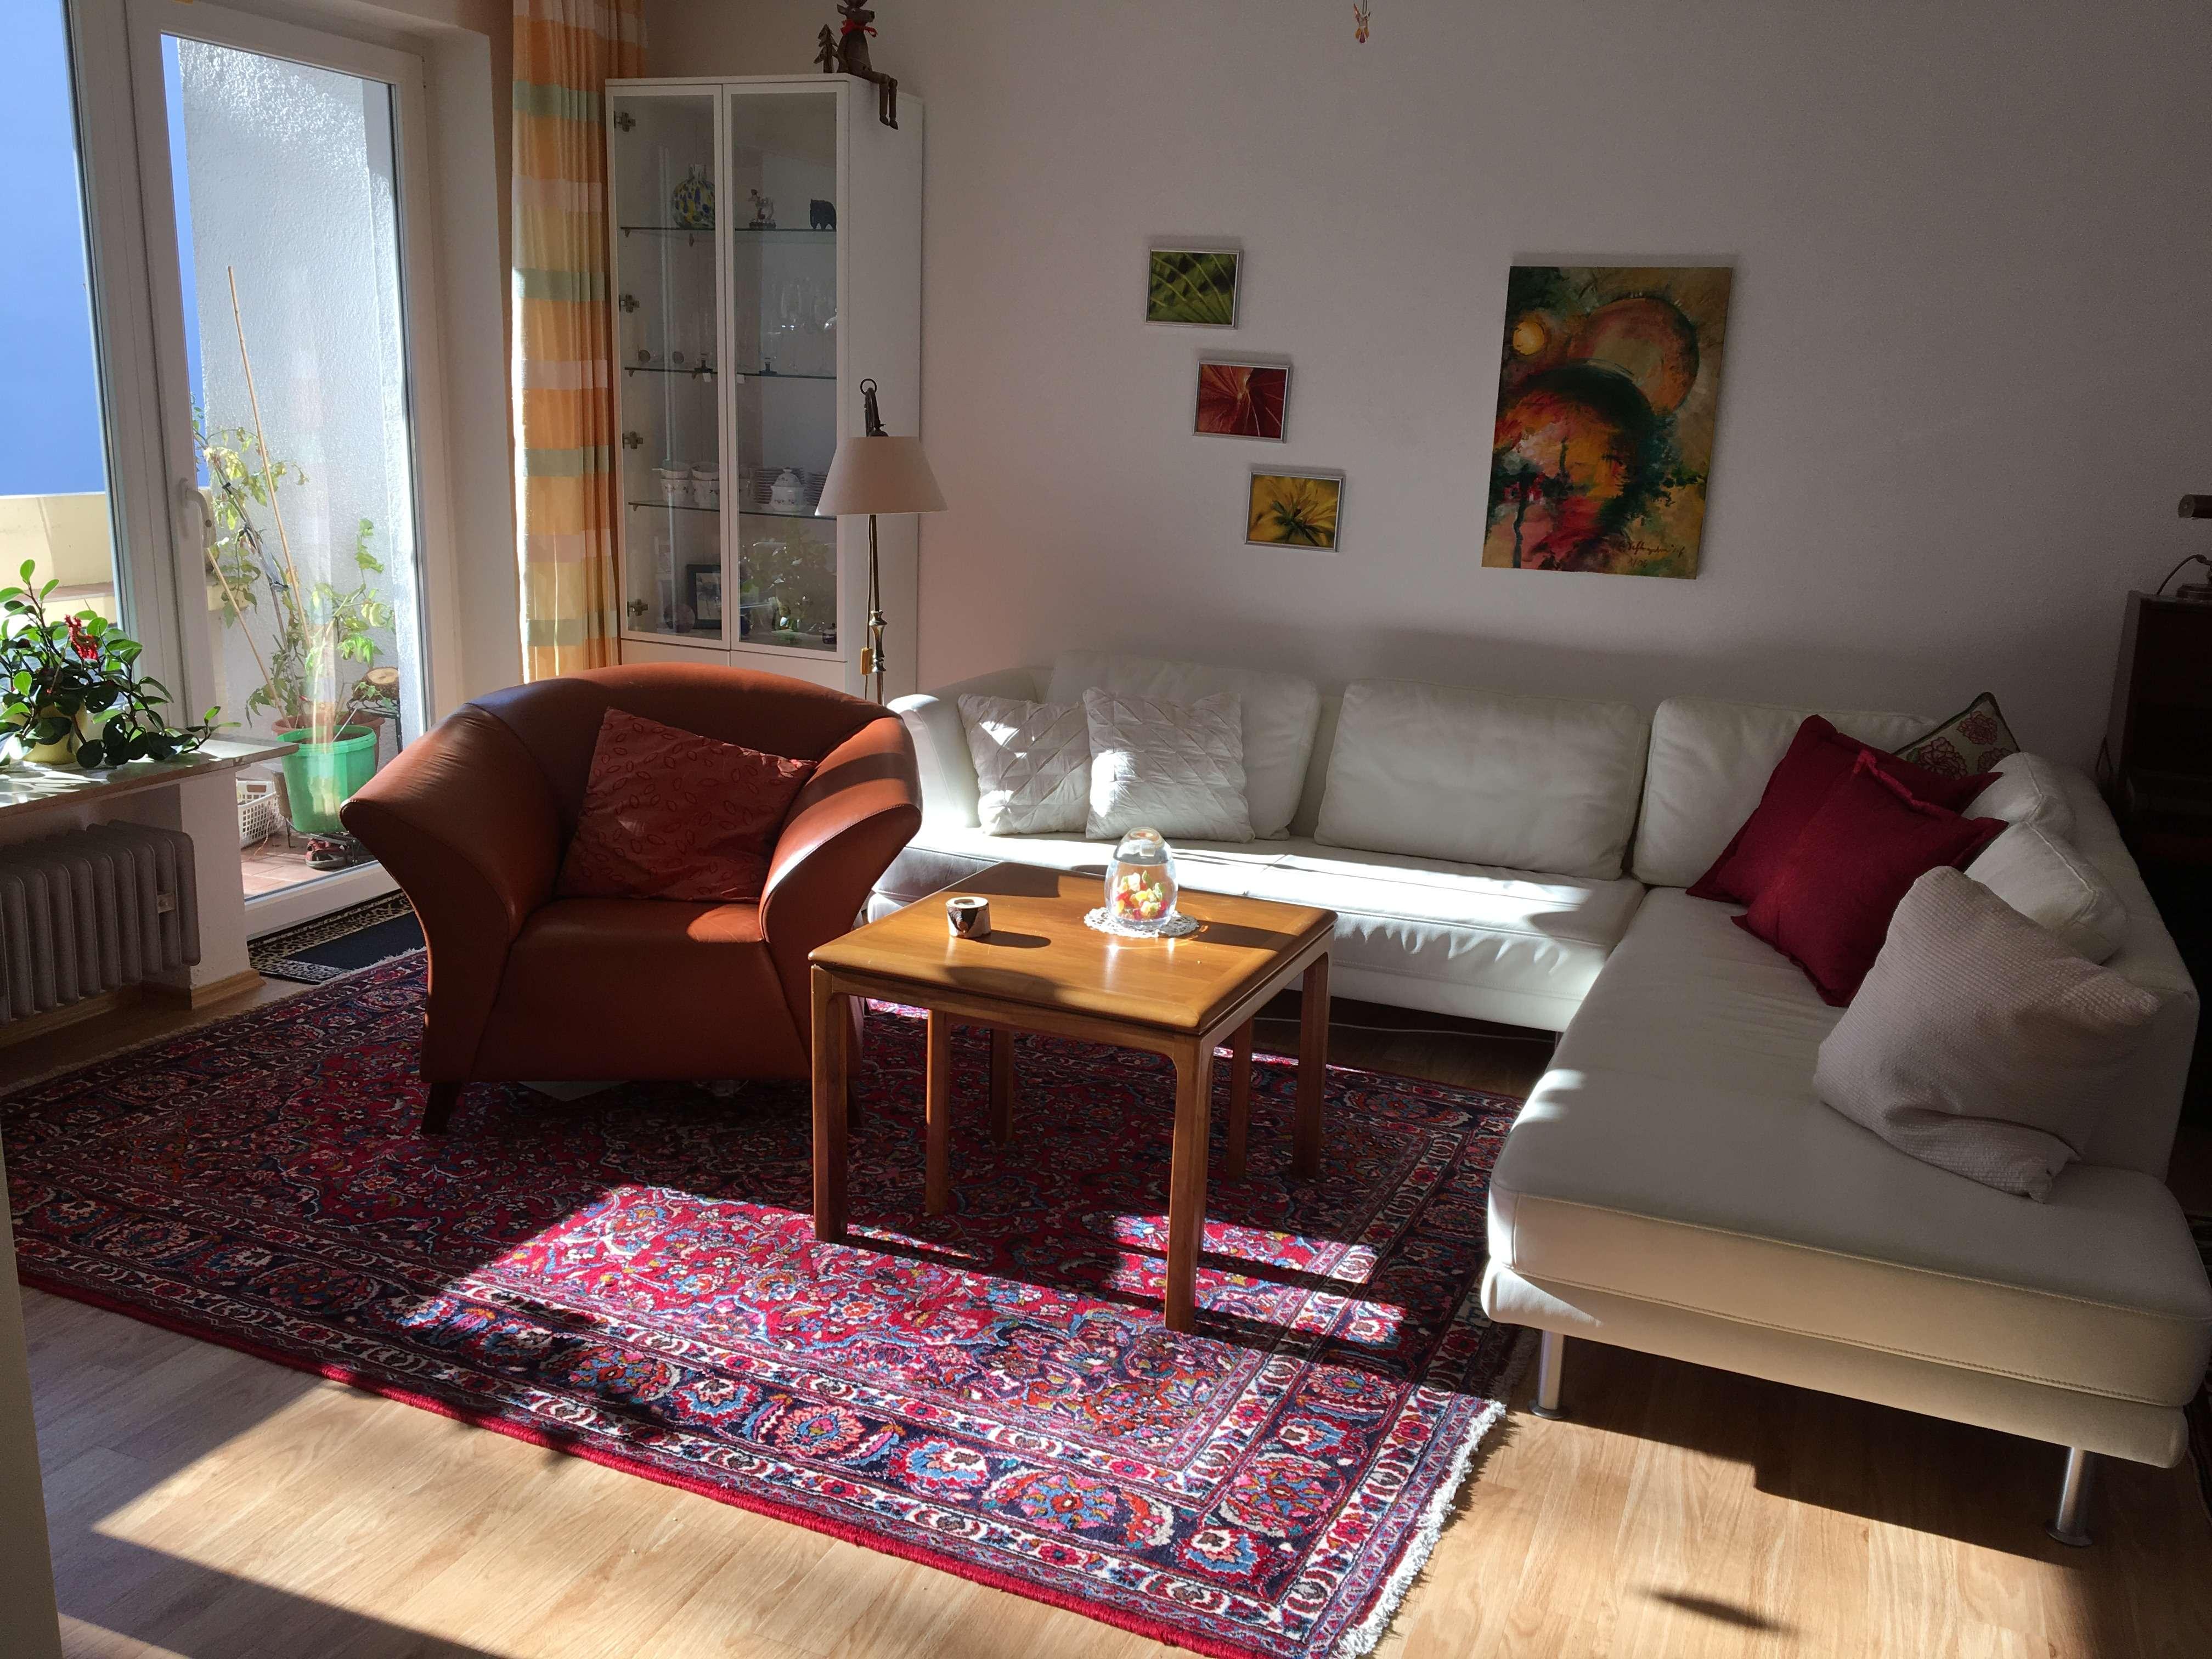 Ruhige, geräumige 4-Zimmer-Wohnung nahe S-Bahn Planegg in Krailling (Starnberg)